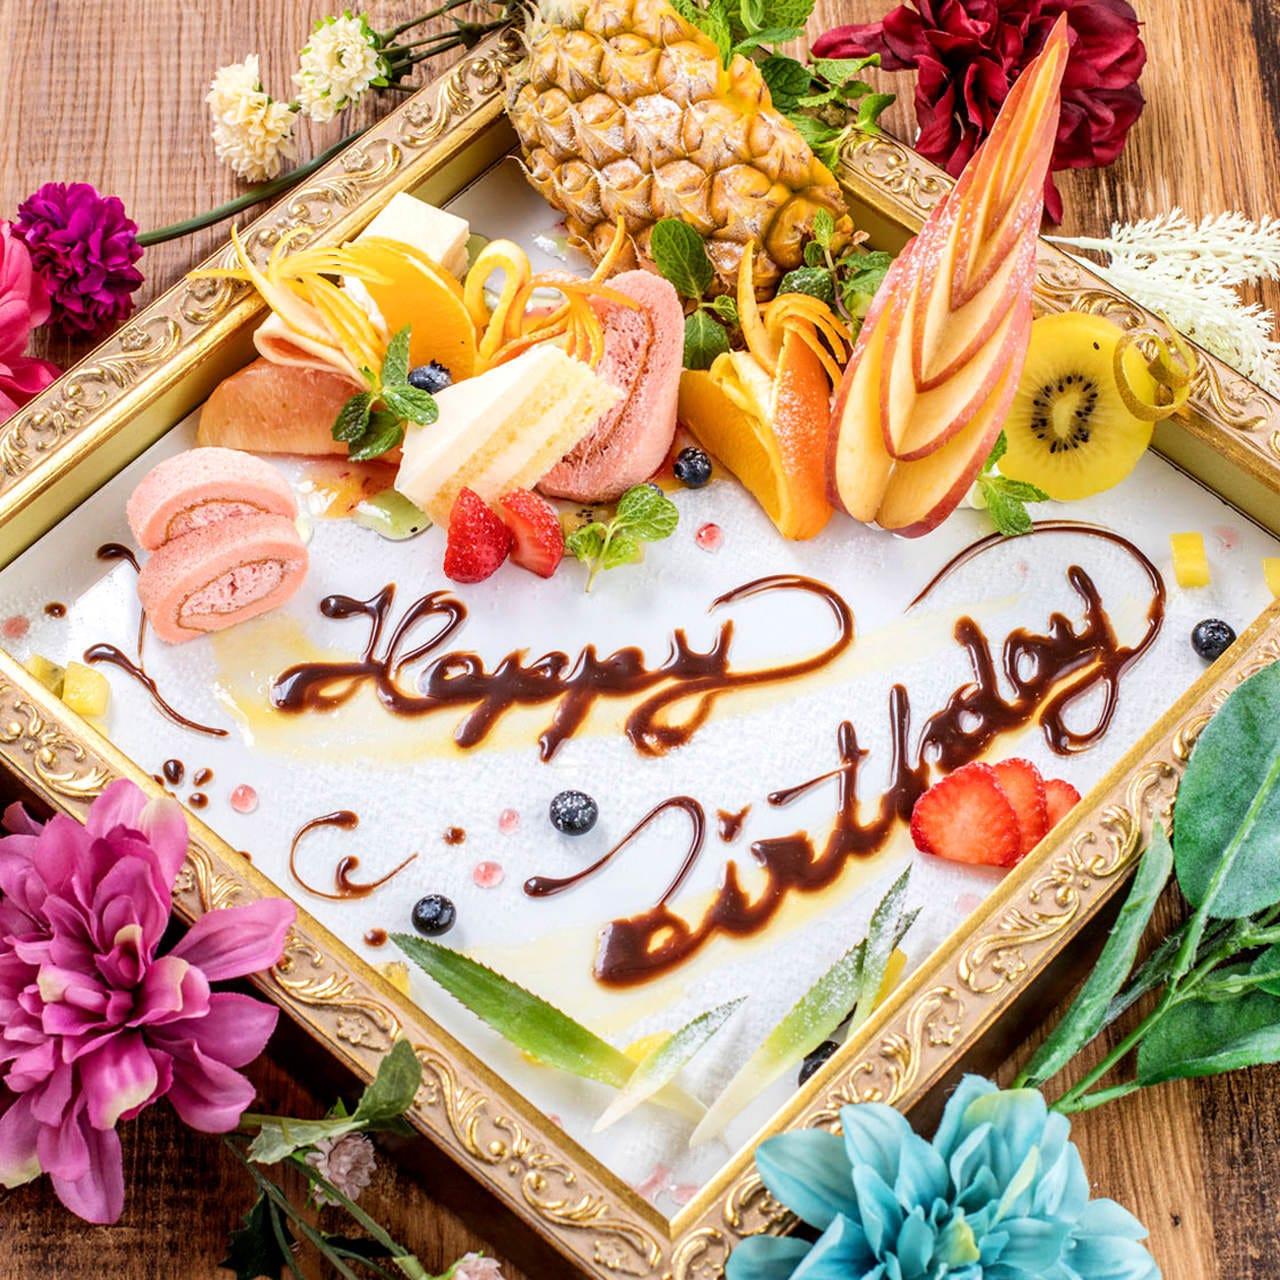 《誕生日・記念日に》 デザートプレートでお祝い☆☆